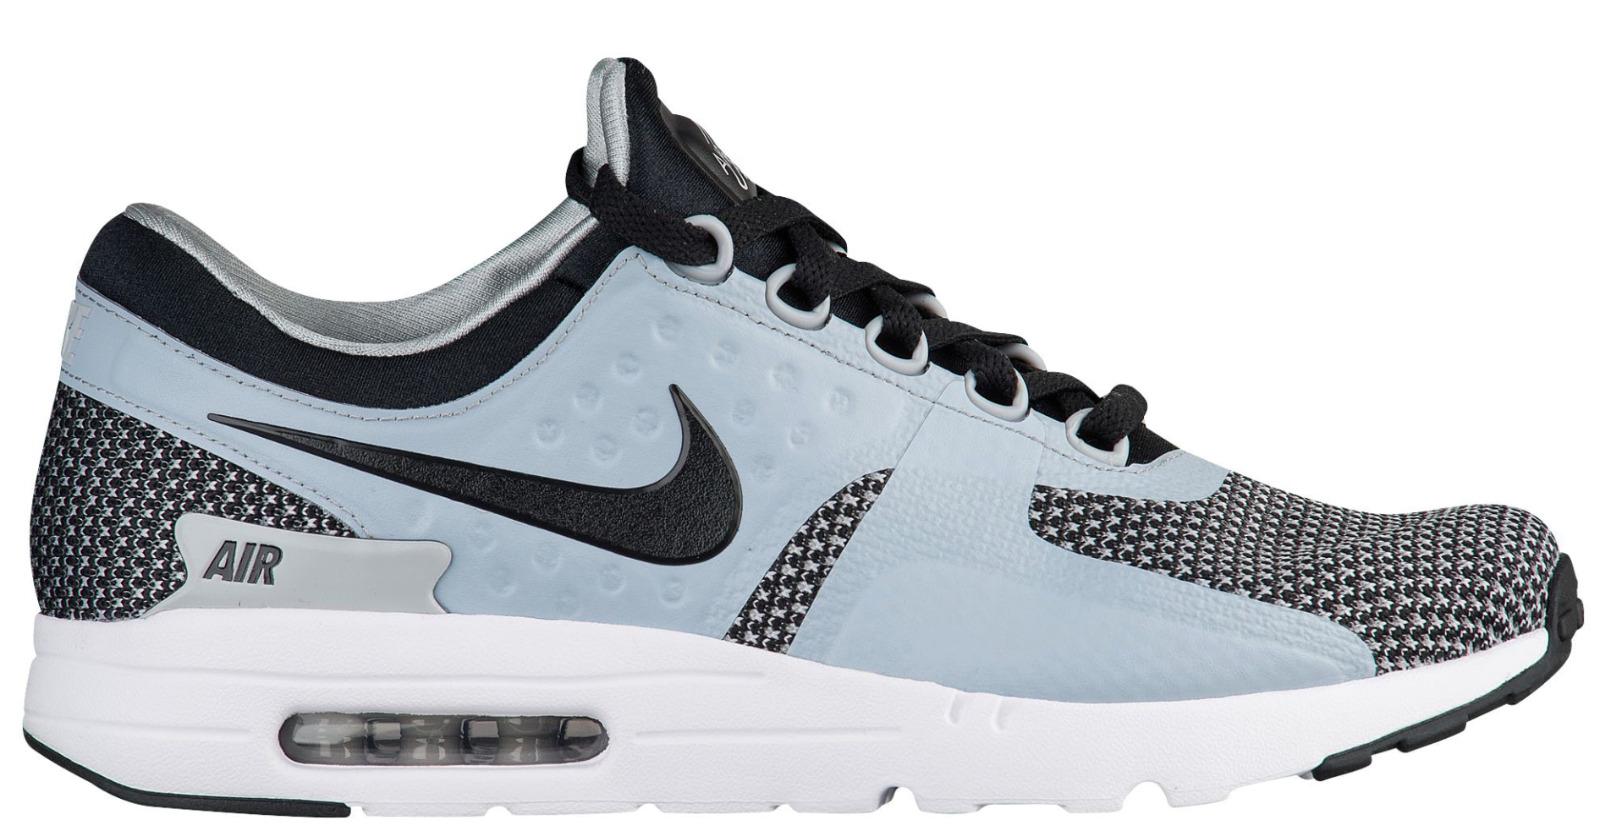 Nuevo hombres Nike Air Max hombres Nuevo cero zapatos zapatillas comodas 945252